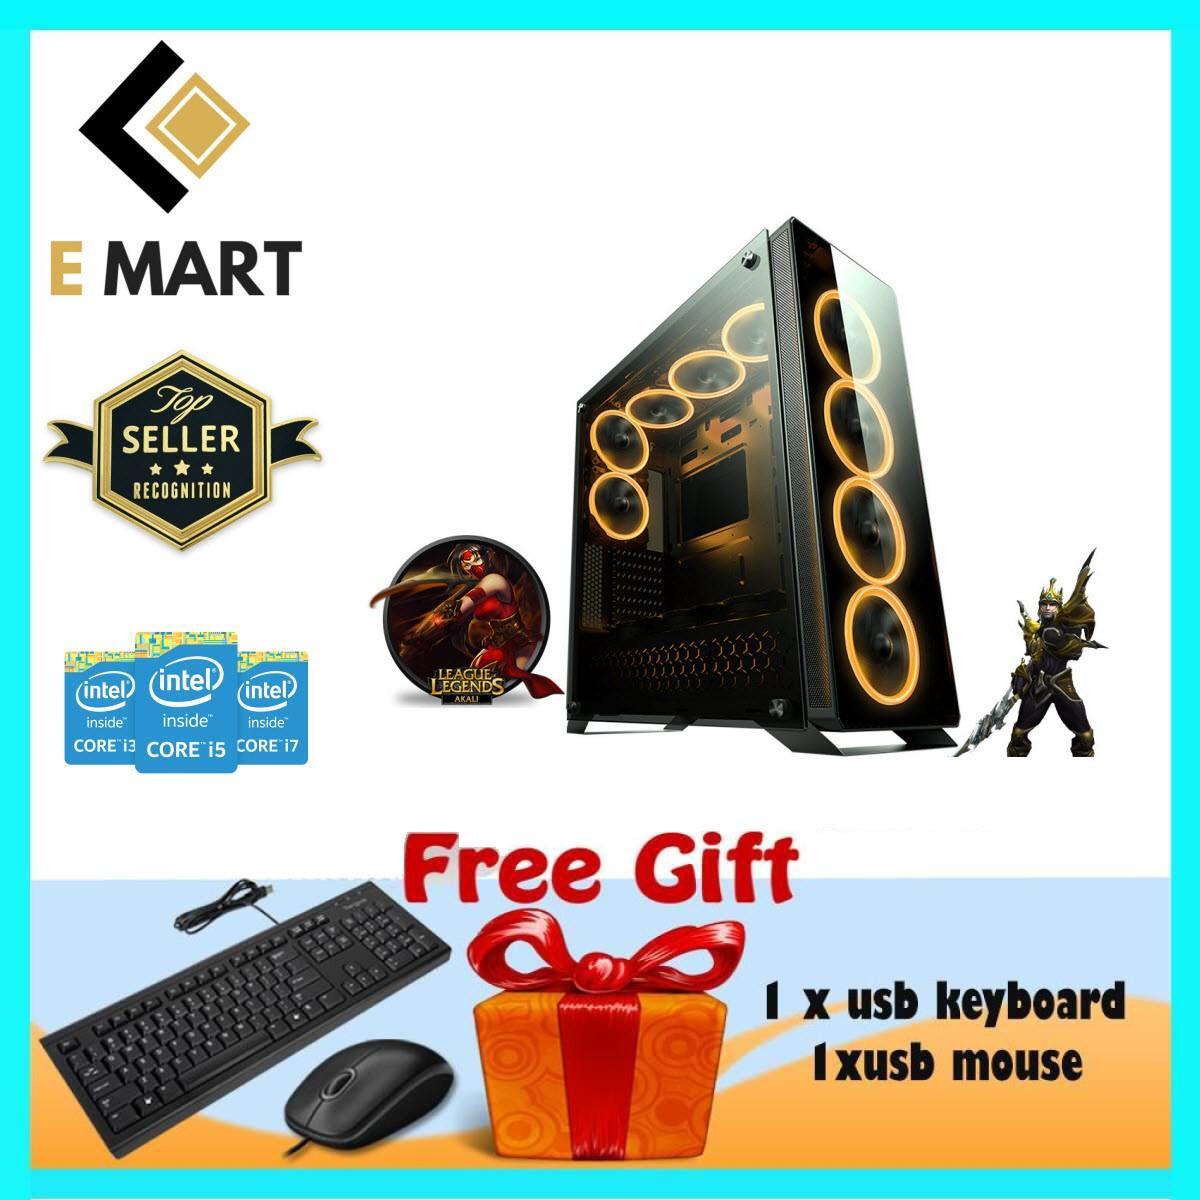 PC Chơi Được Game Khủng Core I7 3770, Ram 16GB, SSD 120GB, HDD 1TB, VGA  GTX1060TI 3GB EMGP75 + Quà Tặng